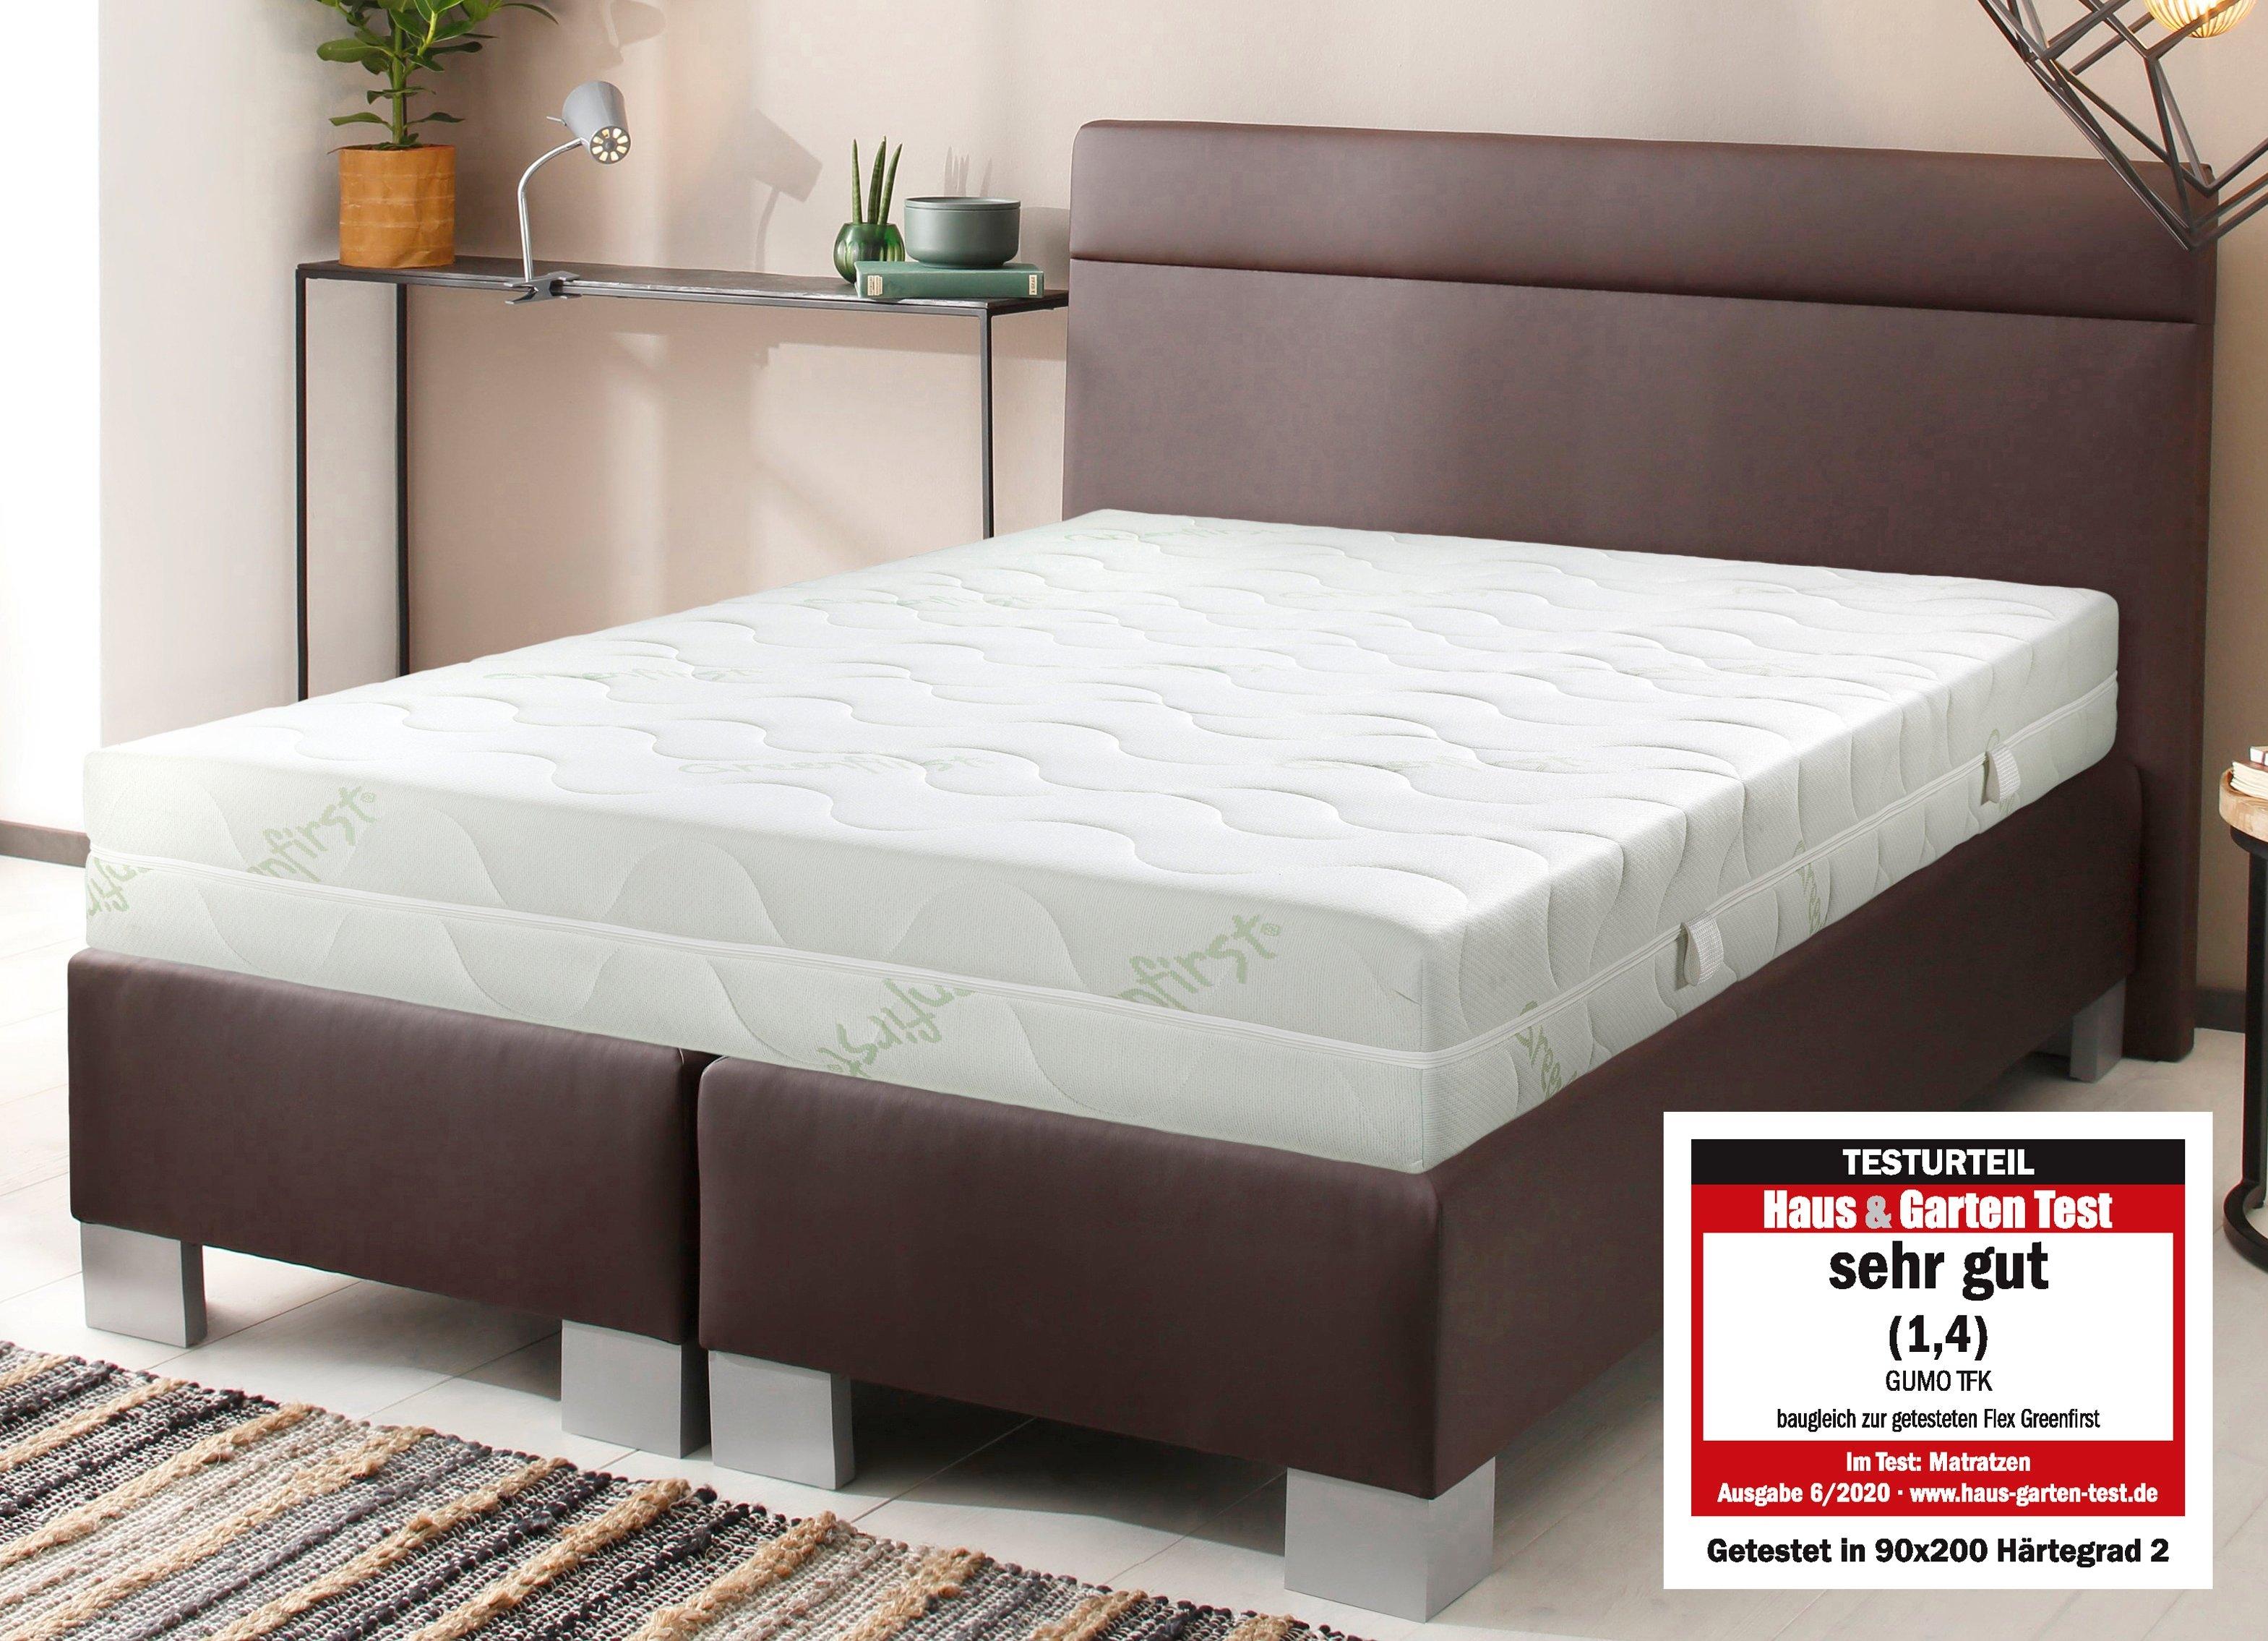 Beco EXCLUSIV pocketveringsmatras GUMO TFK Tweezijdig te gebruiken matras met twee verschillend stevige ligzijden hoogte 22 cm voordelig en veilig online kopen